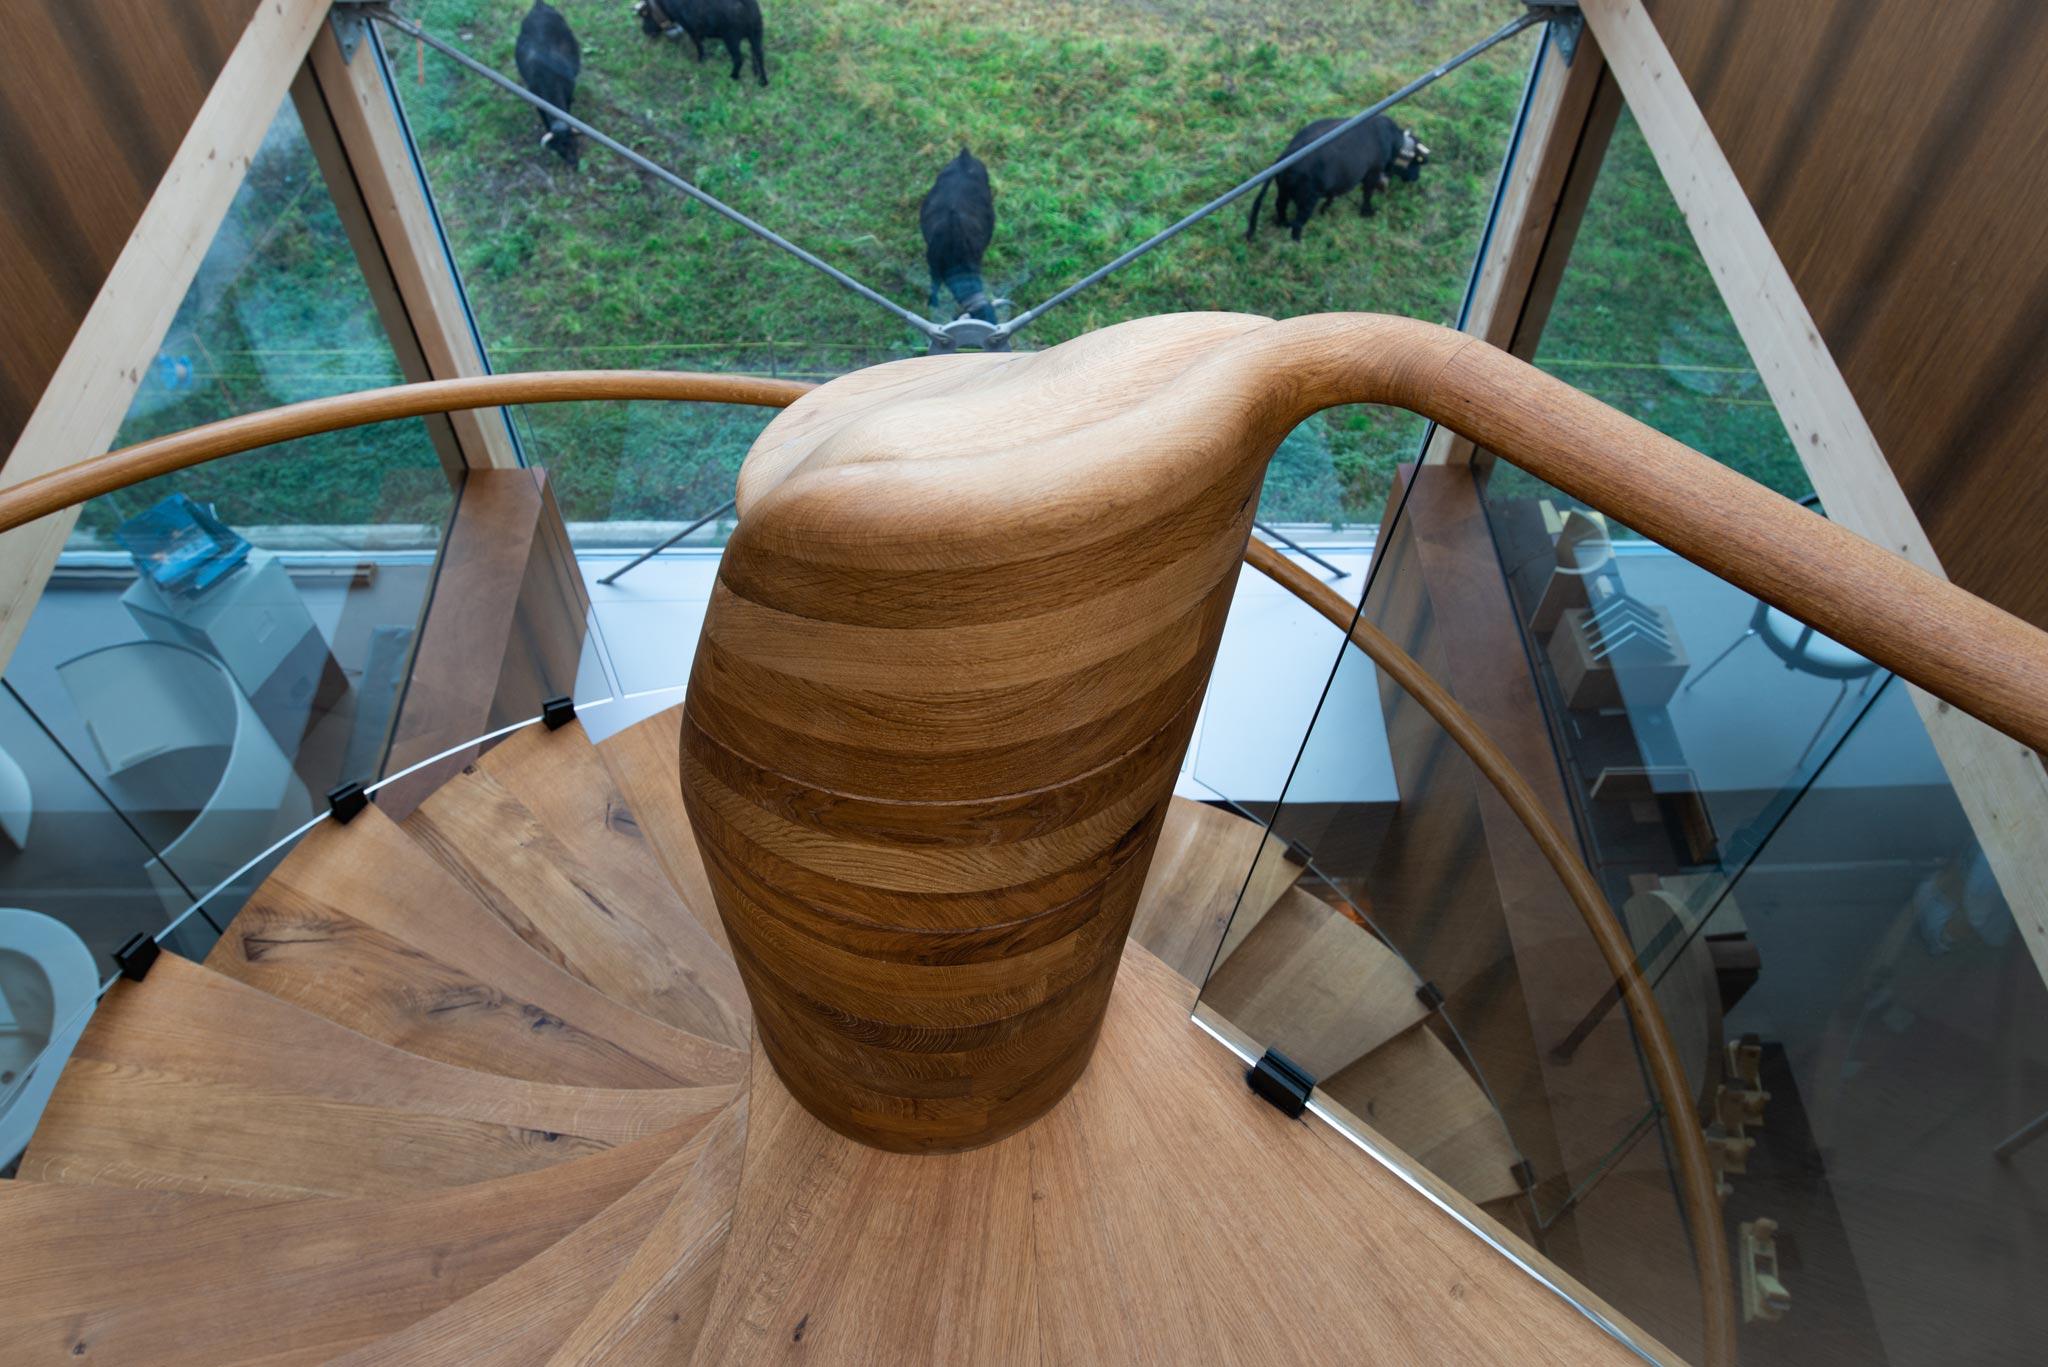 ES ShowR escalier hor 20 11 0040 - Escalier Showroom ESKISS